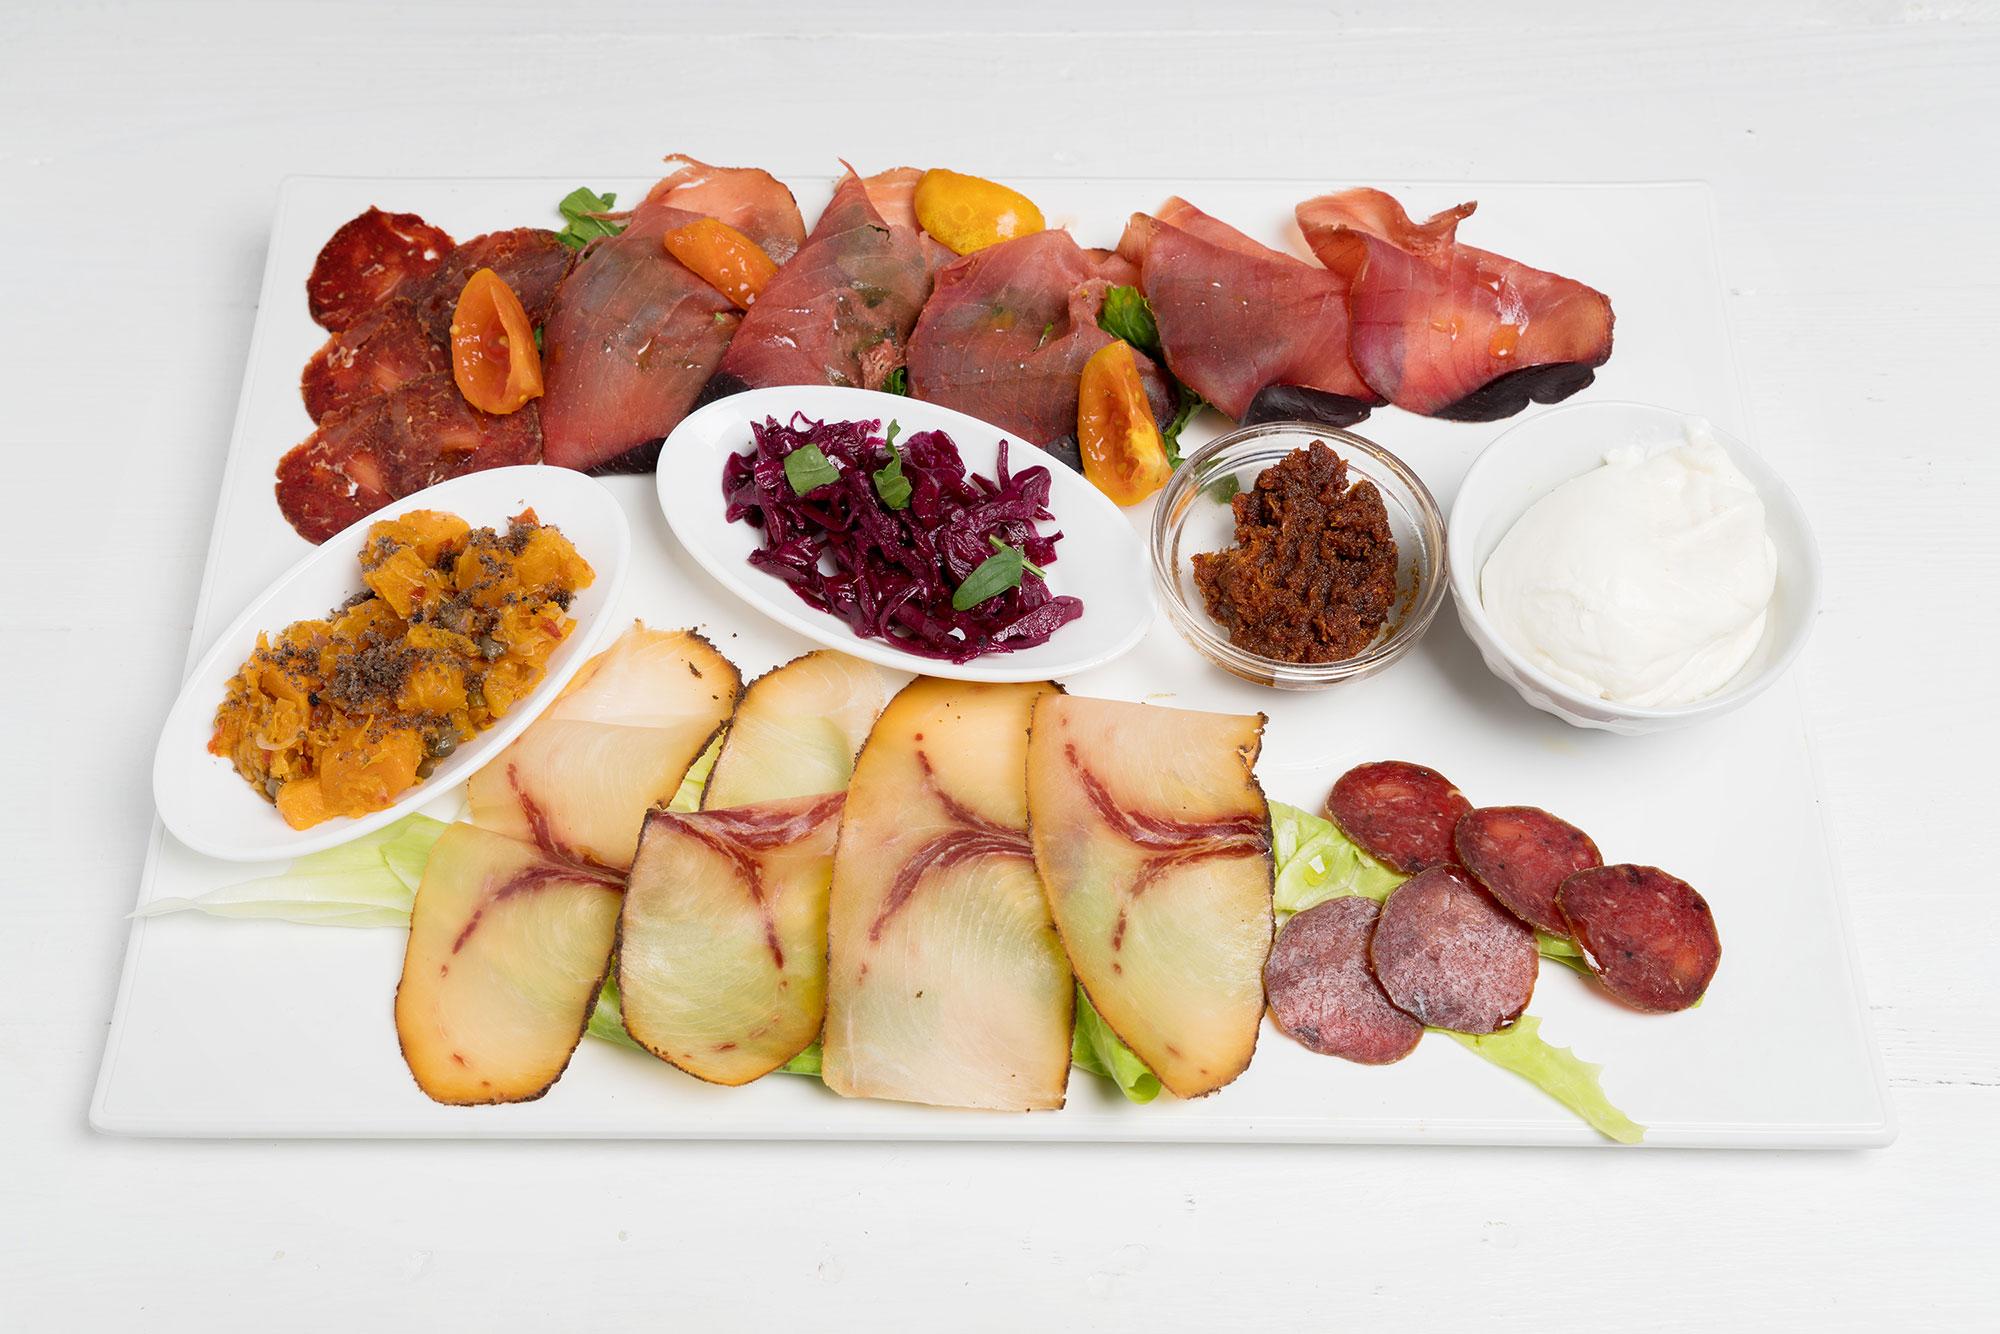 Alcuni dei deliziosi insaccati di pesce degustati presso l'Osteria Creativa a Matino